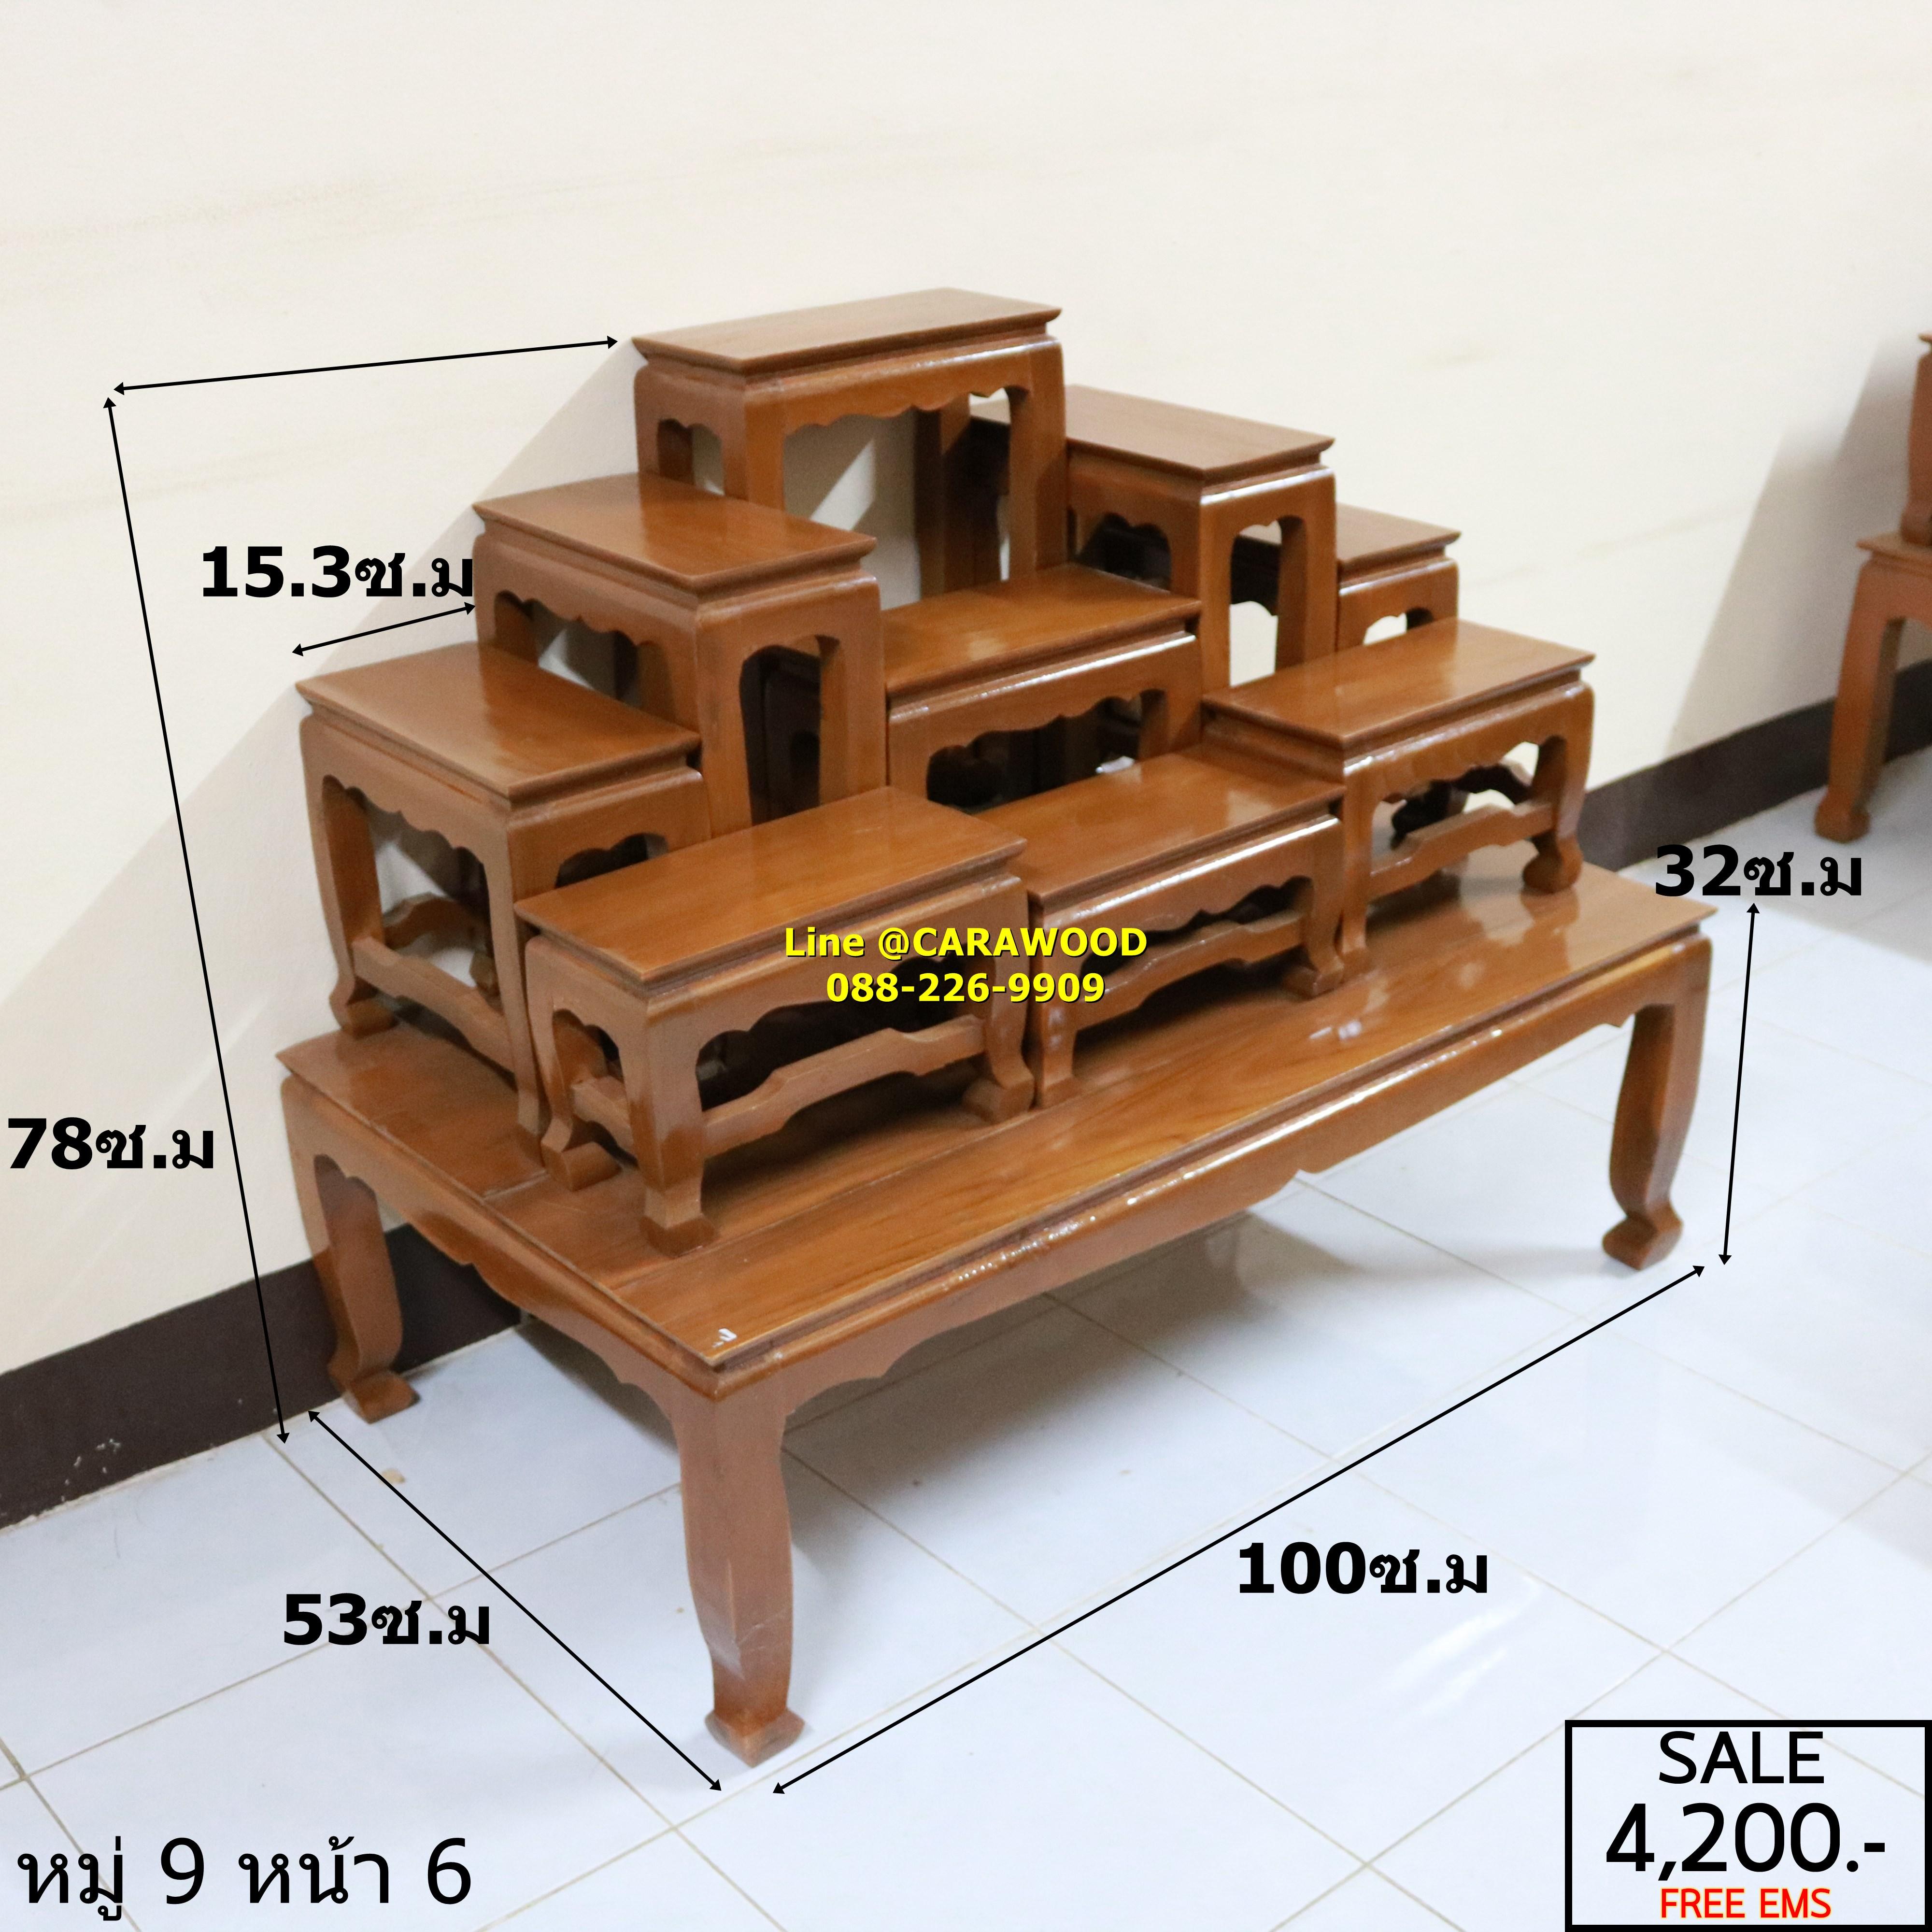 โต๊ะหมู่บูชา หมู่9 หน้า 6 ไม้สักทอง สีธรรมชาติ